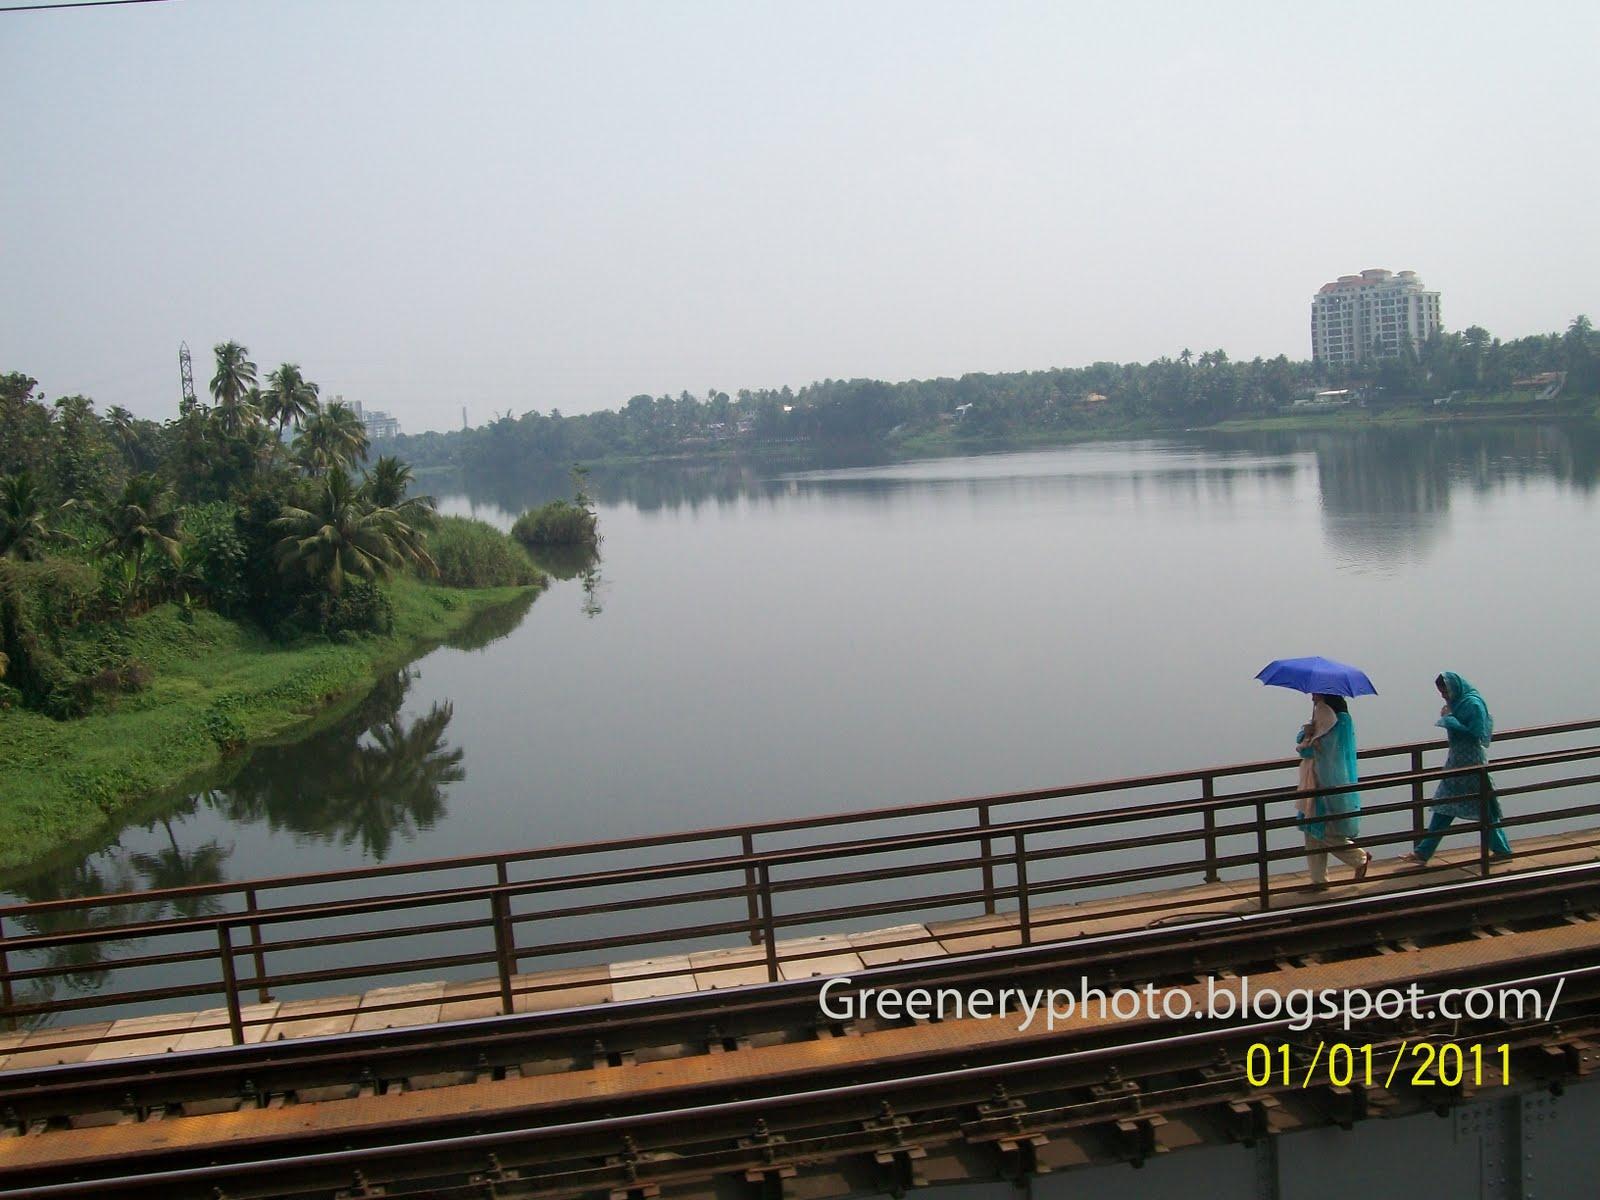 http://3.bp.blogspot.com/-7zqJUHJ_H3Y/Tsr0yqk8M7I/AAAAAAAAAYo/Jljriitd7kc/s1600/Kerala%252Bwallpapers.jpg